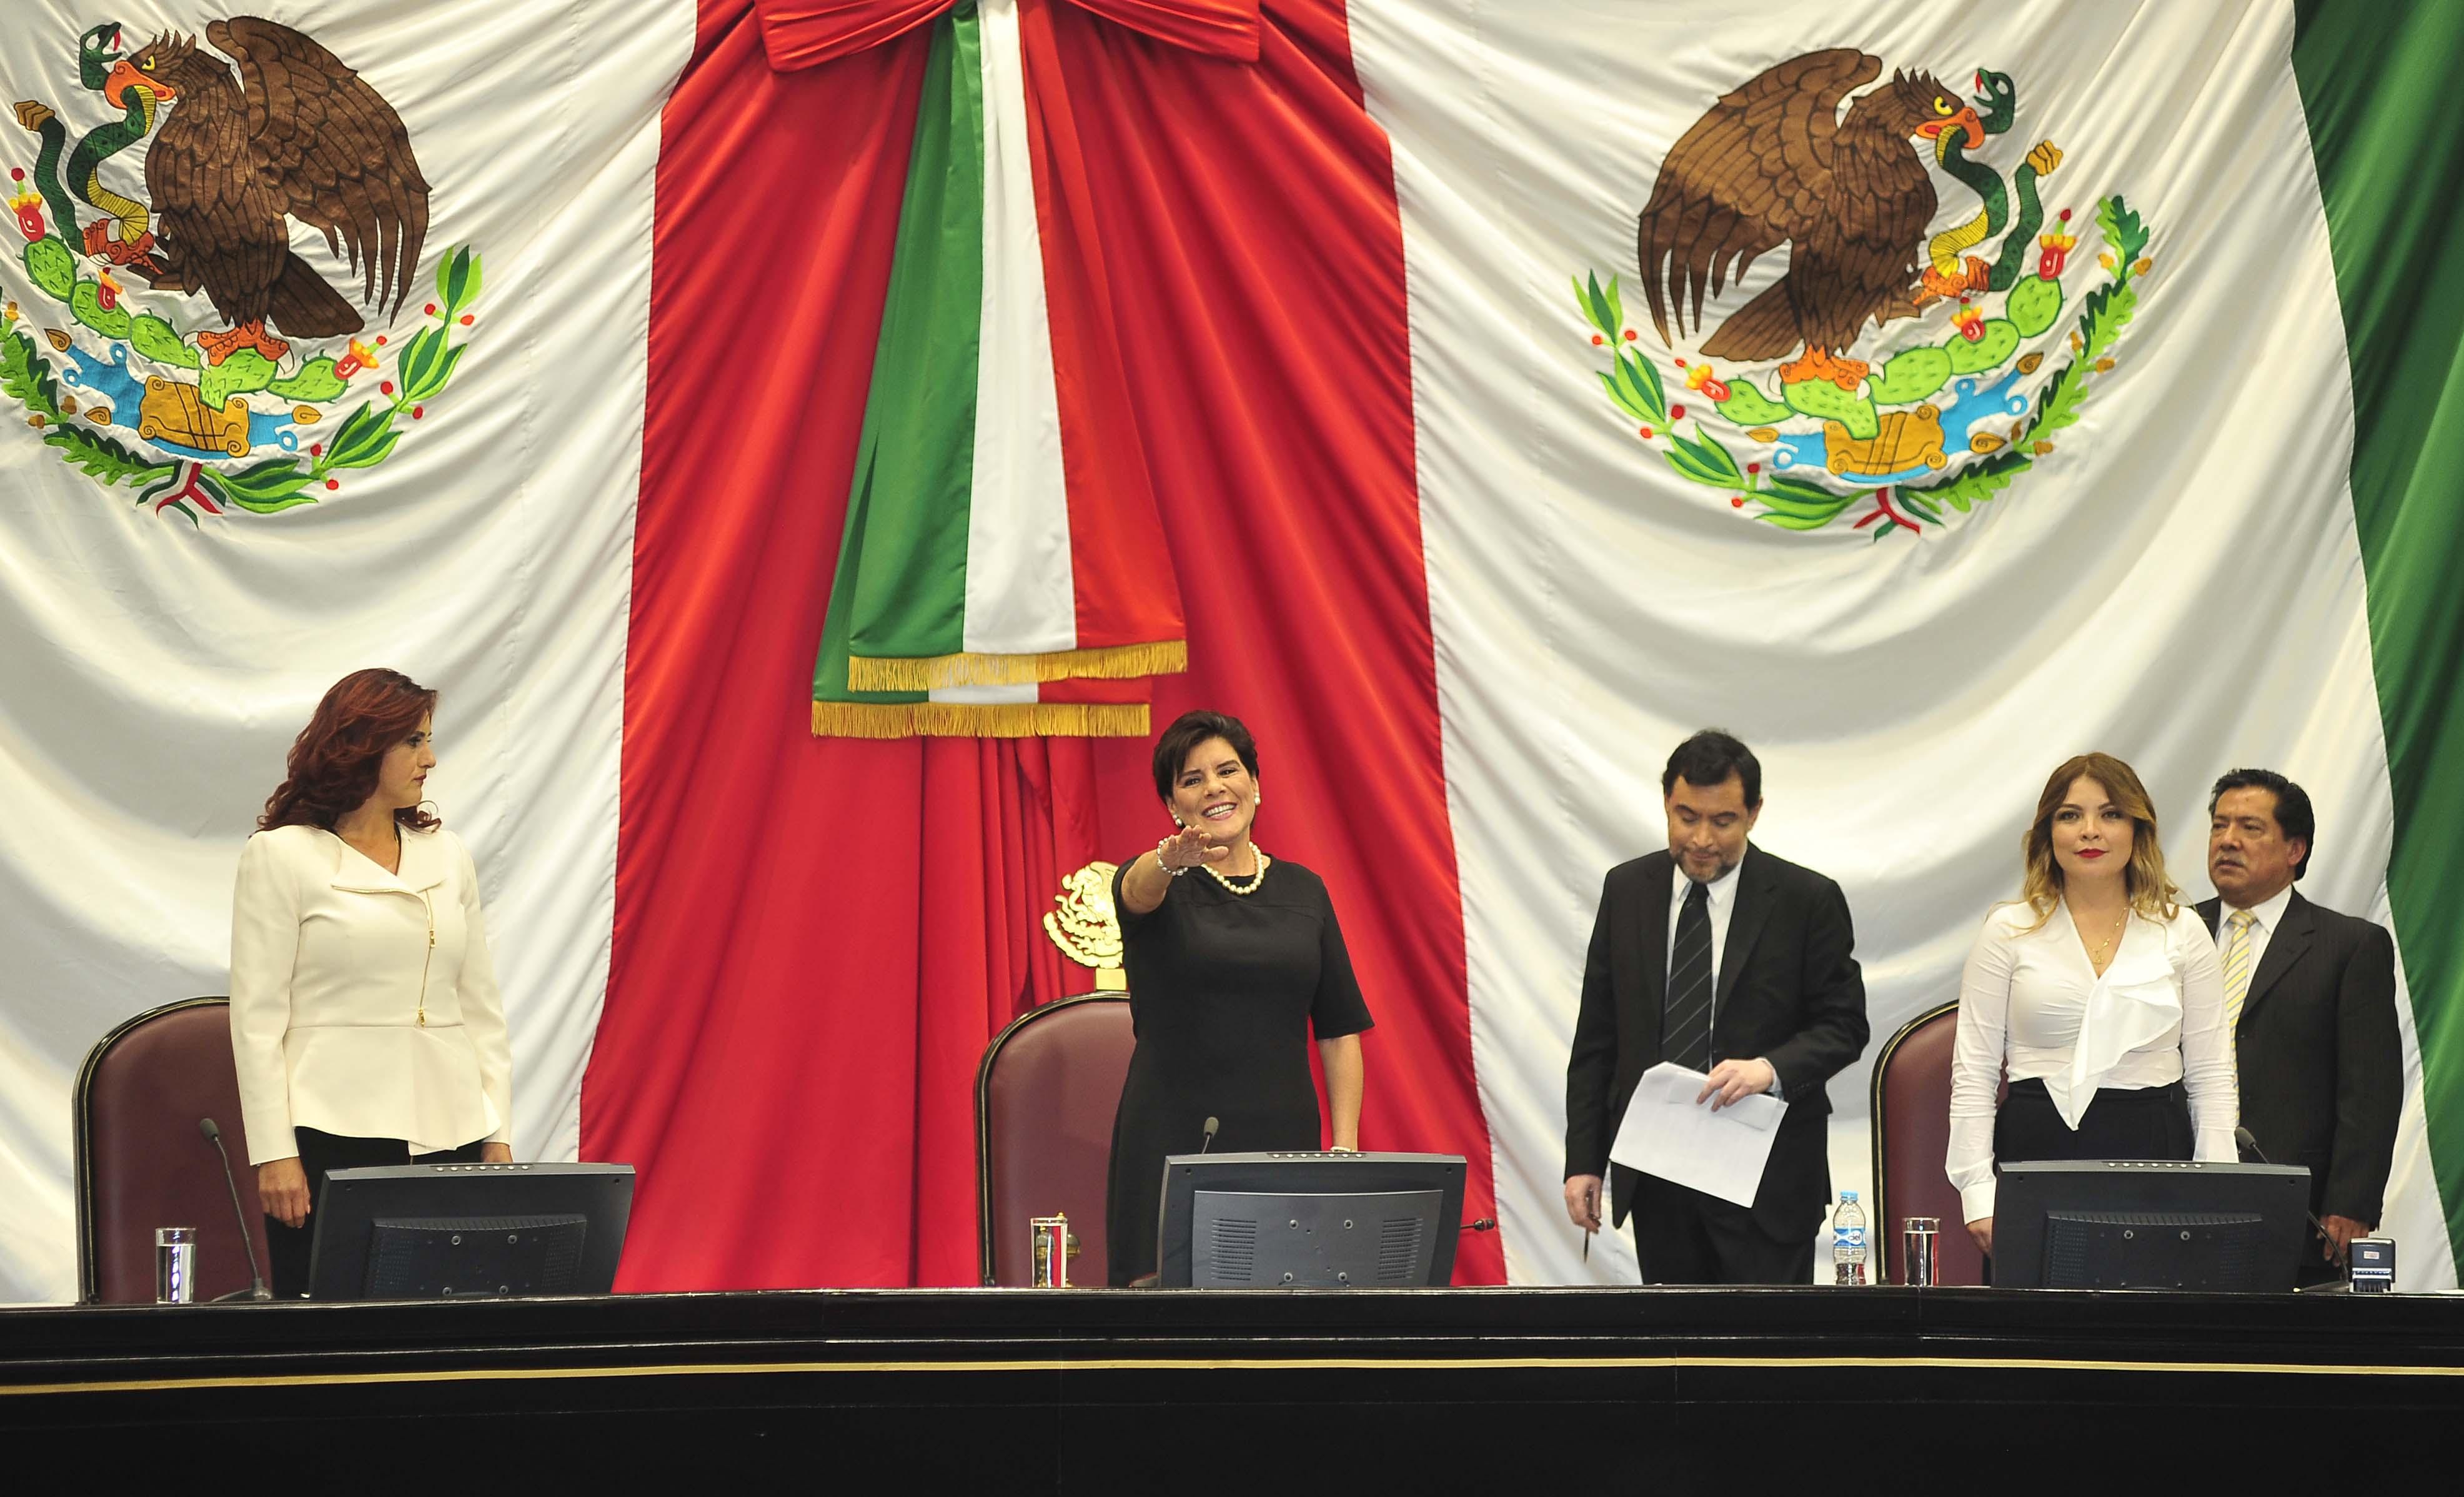 Mesa directiva del nuevo Congreso, será presidida por mujeres